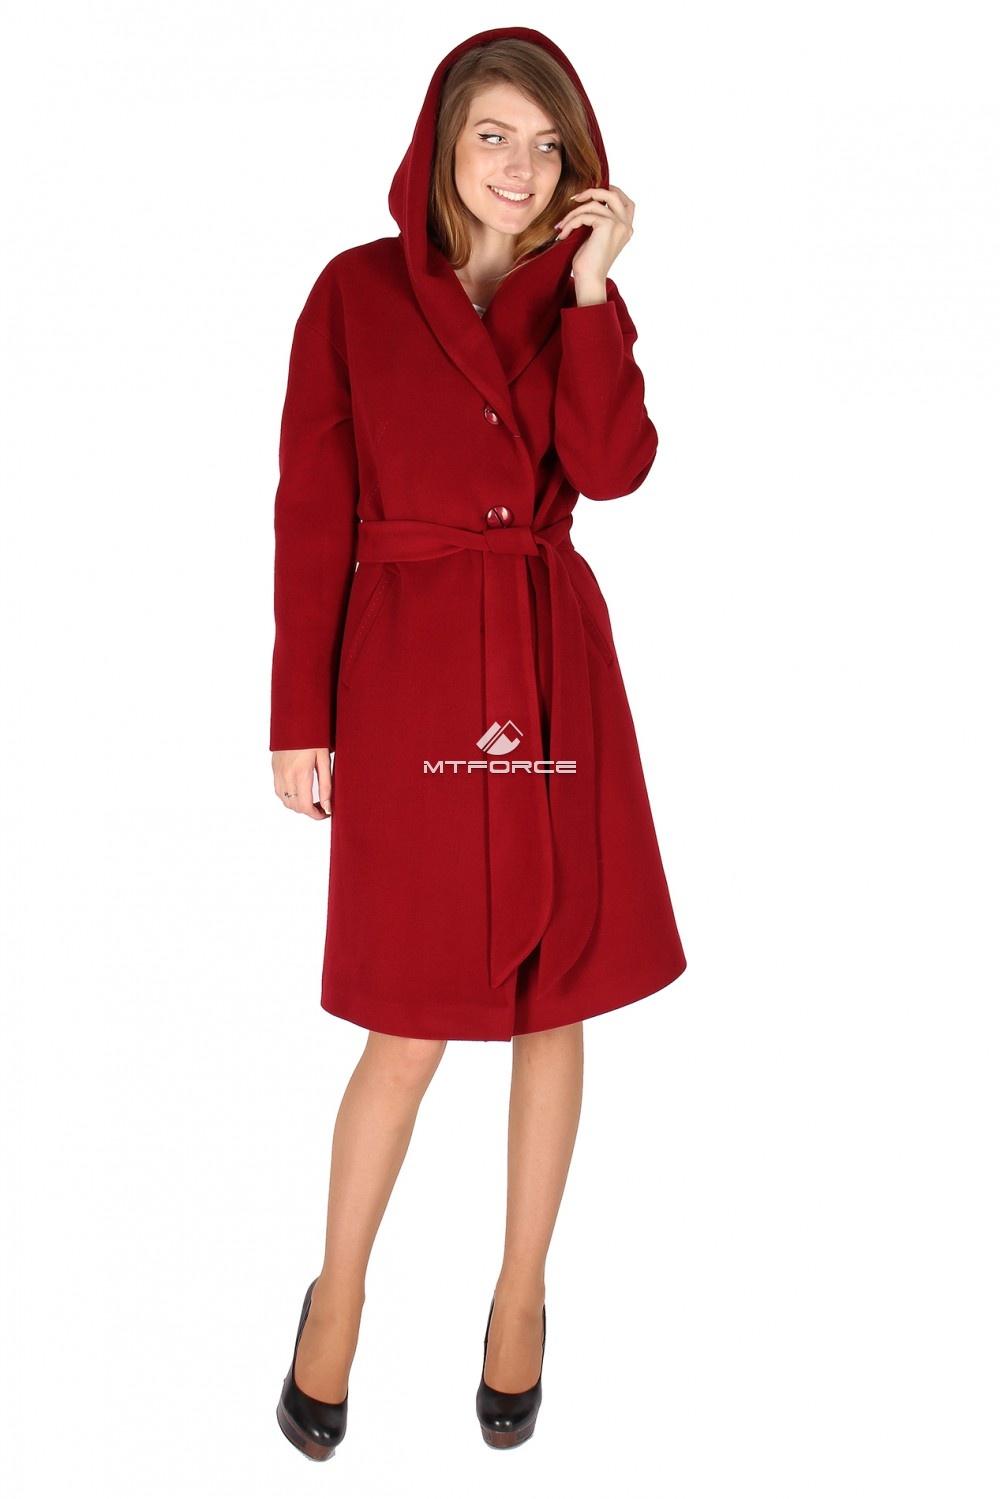 Купить                                  оптом Пальто женское бордового цвета 15249Bo в Санкт-Петербурге